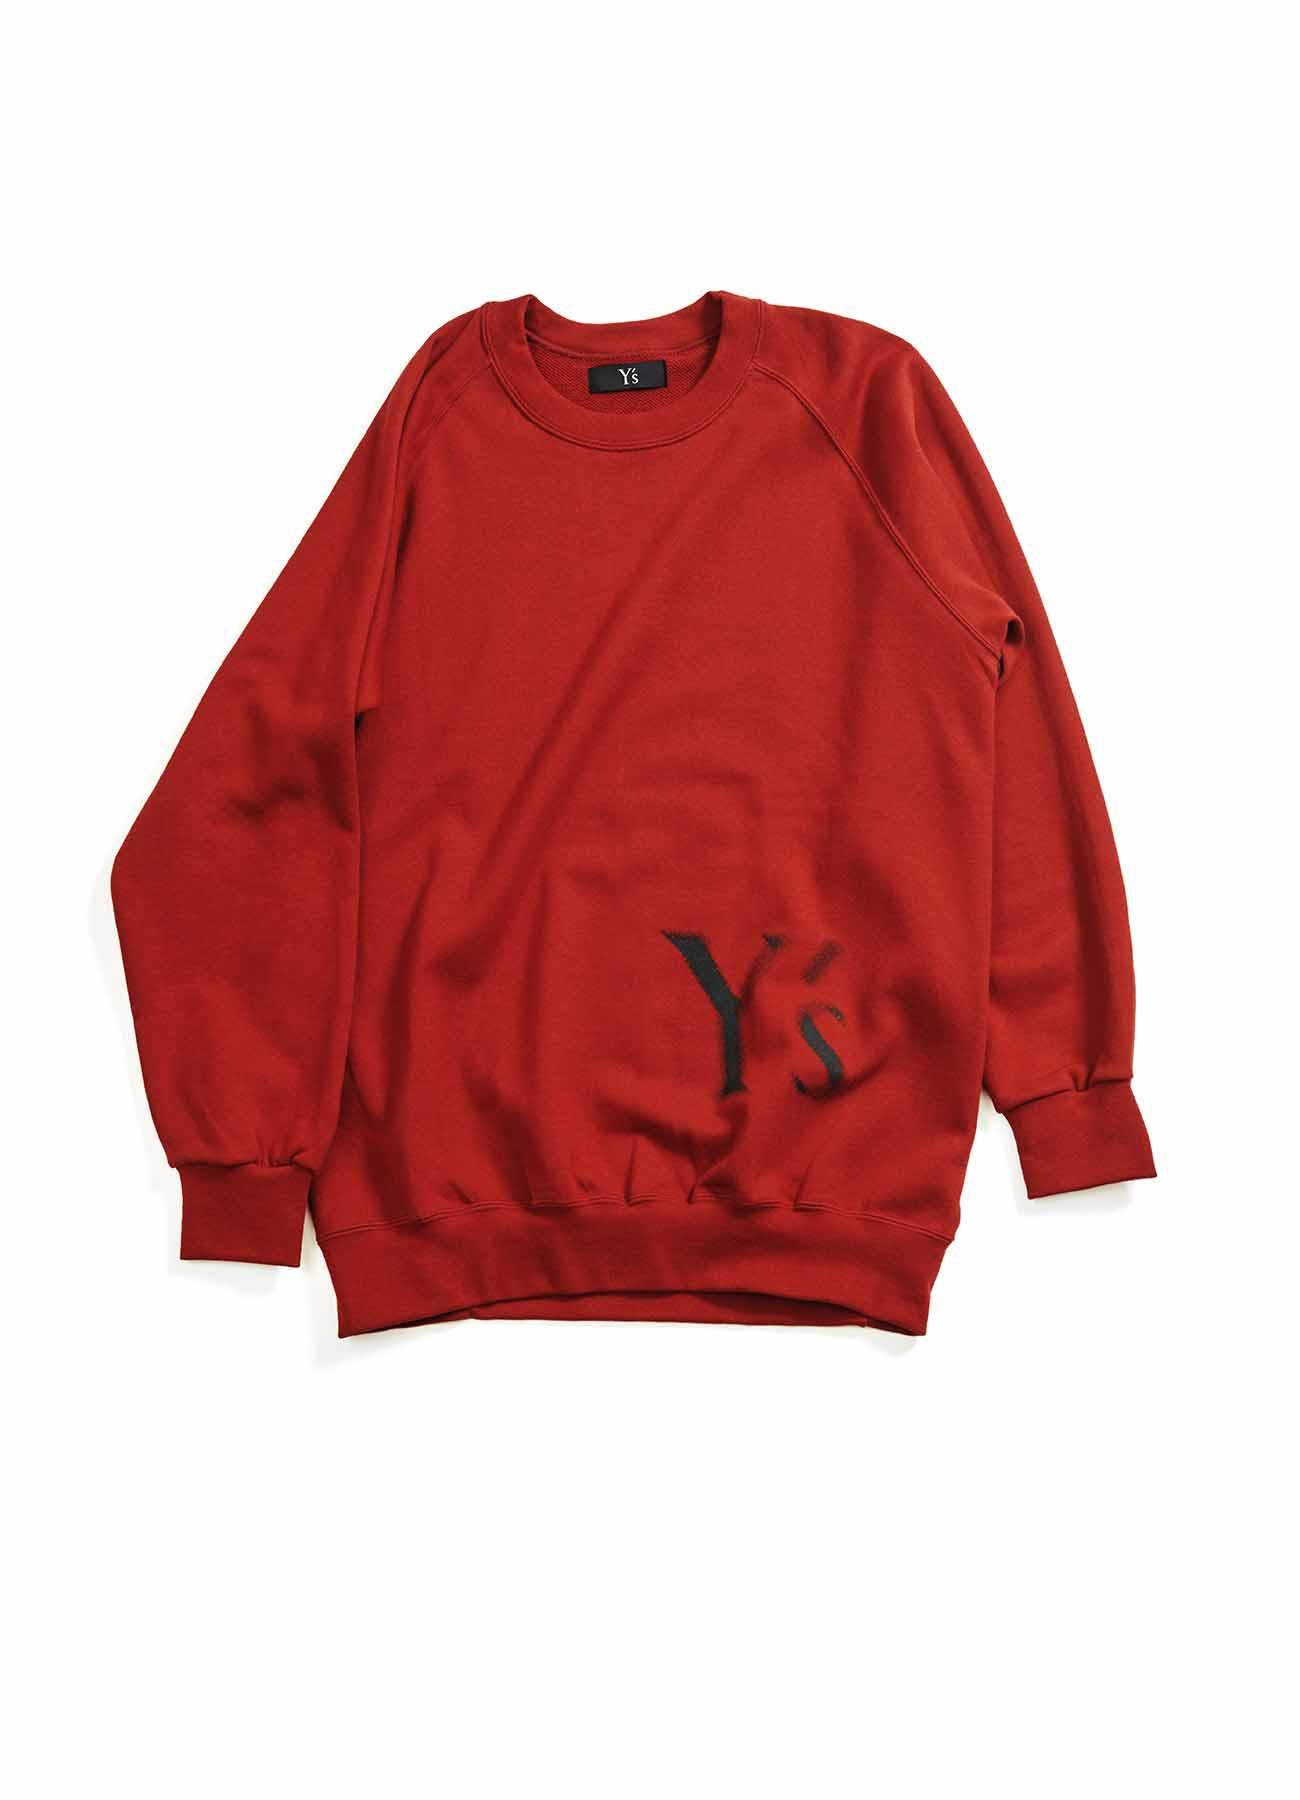 -Online EXCLUSIVE- Y's logo Sweat